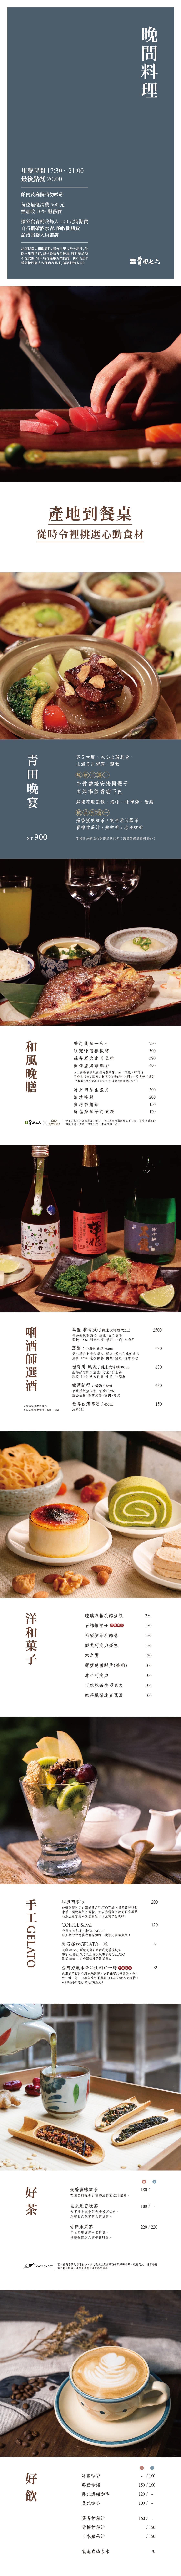 青田七六_菜單_晚餐_202011